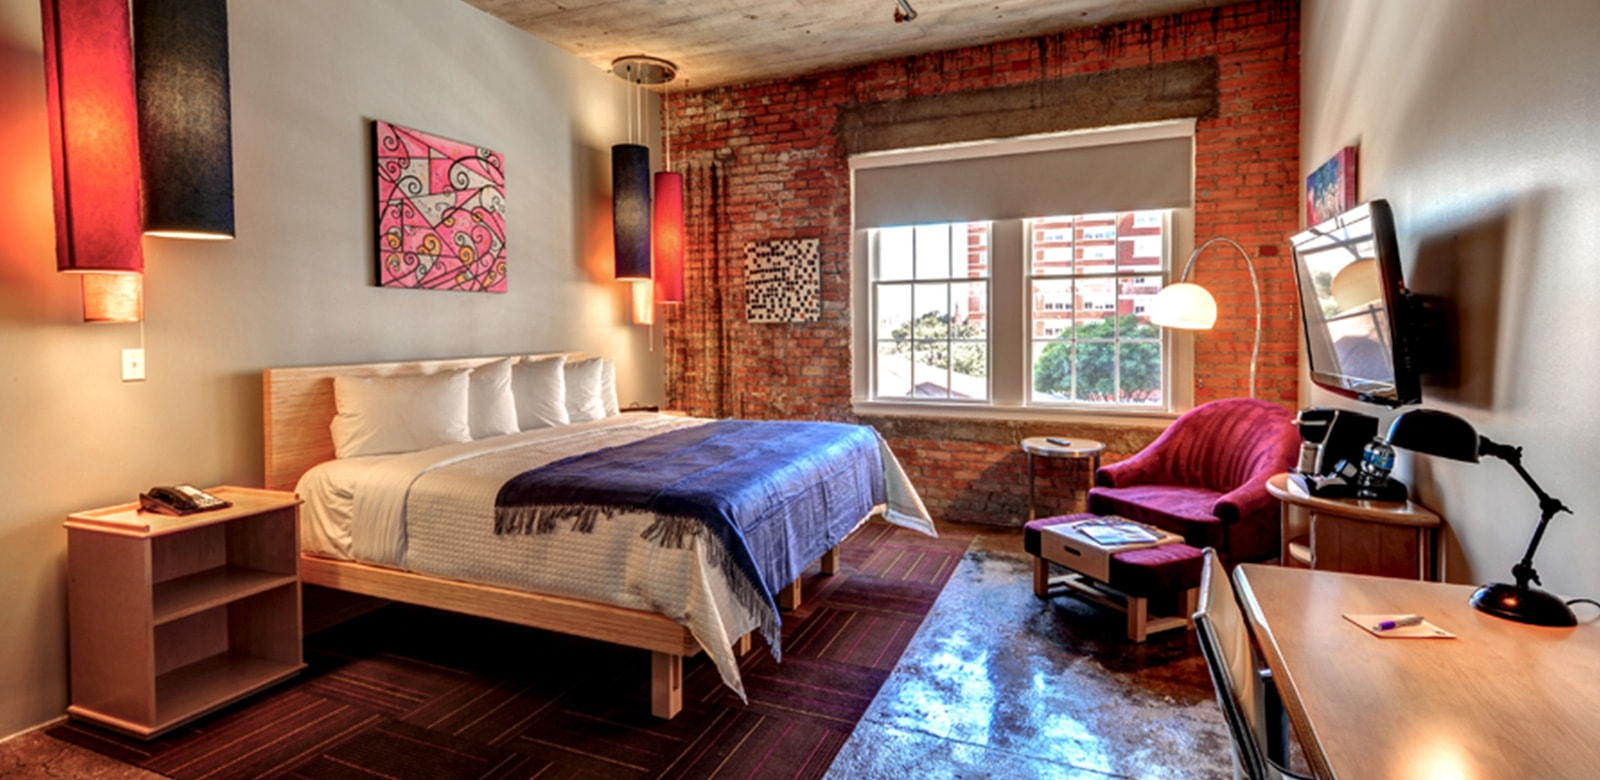 Hotel renovations: Dallas properties show off overhauls